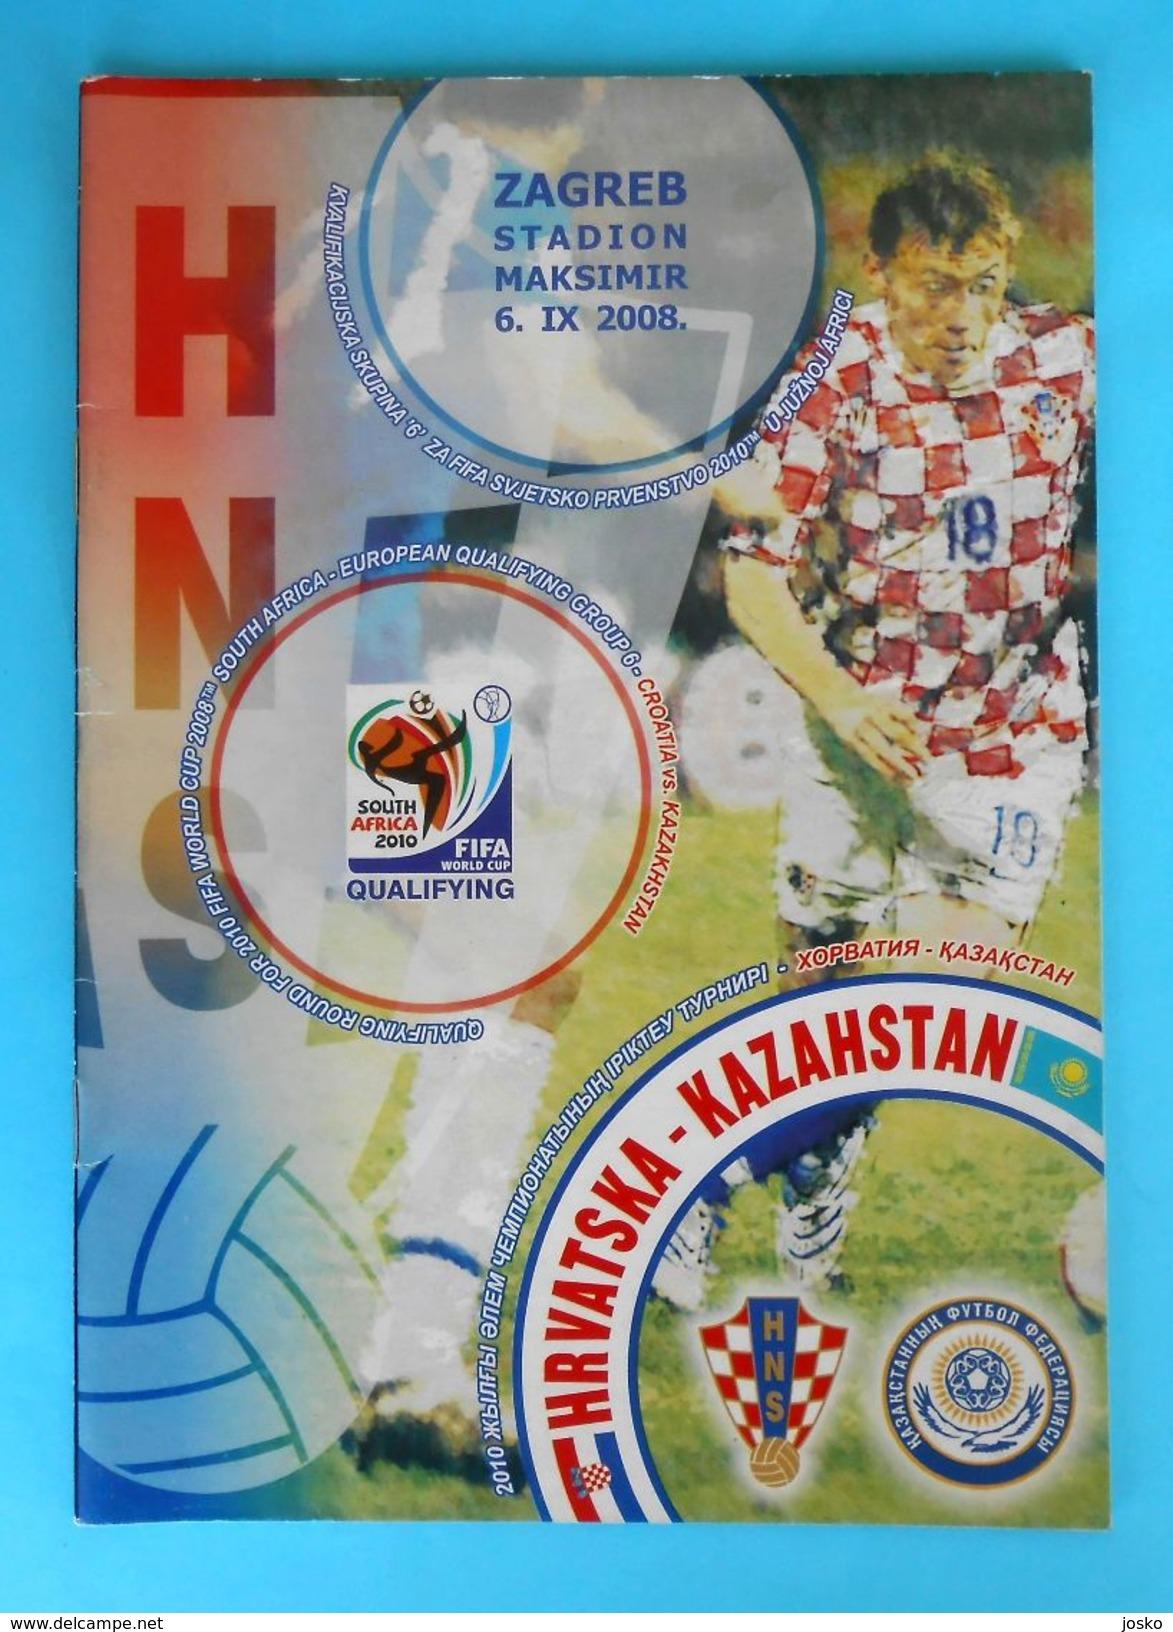 CROATIA : KAZAKHSTAN 2008. Football Match Programme Soccer Fussball Programm Programma Programa Kroatien Croatie Croazia - Books